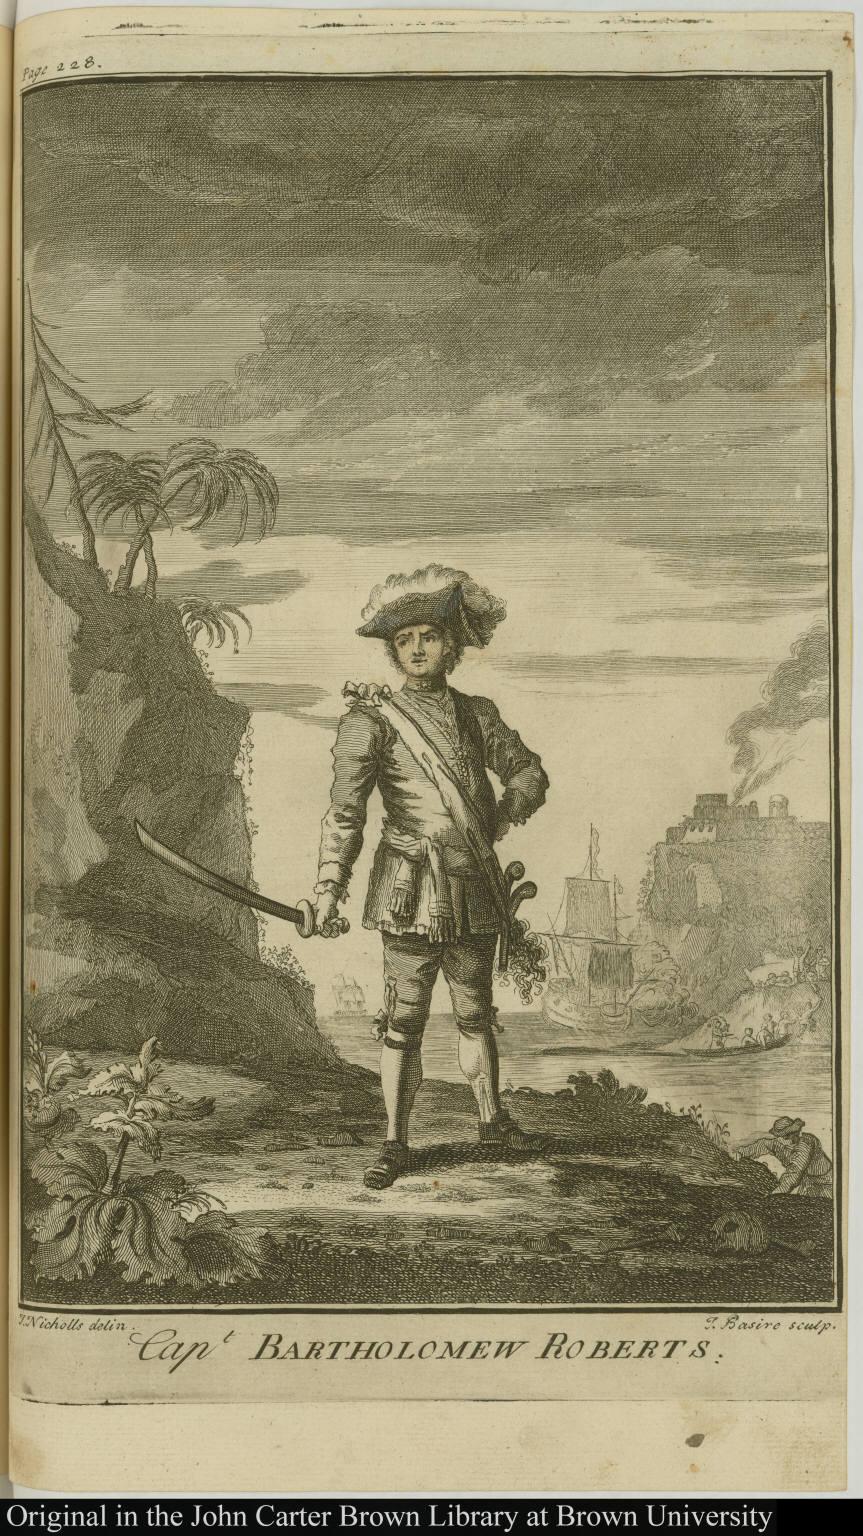 Capt. Bartholomew Roberts.